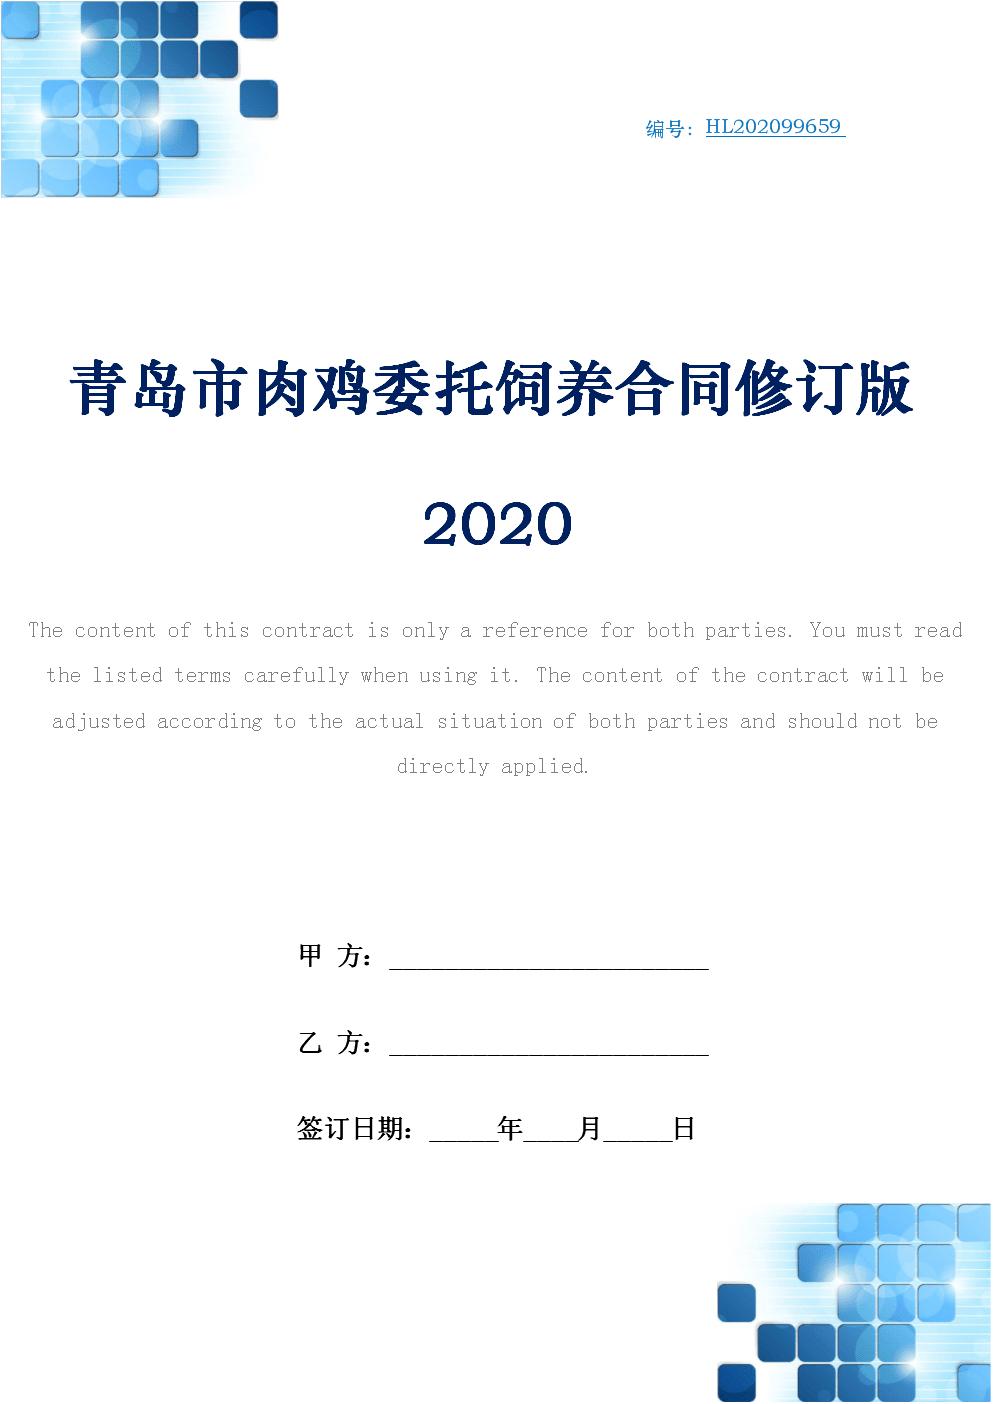 青岛市肉鸡委托饲养合同修订版2020.docx